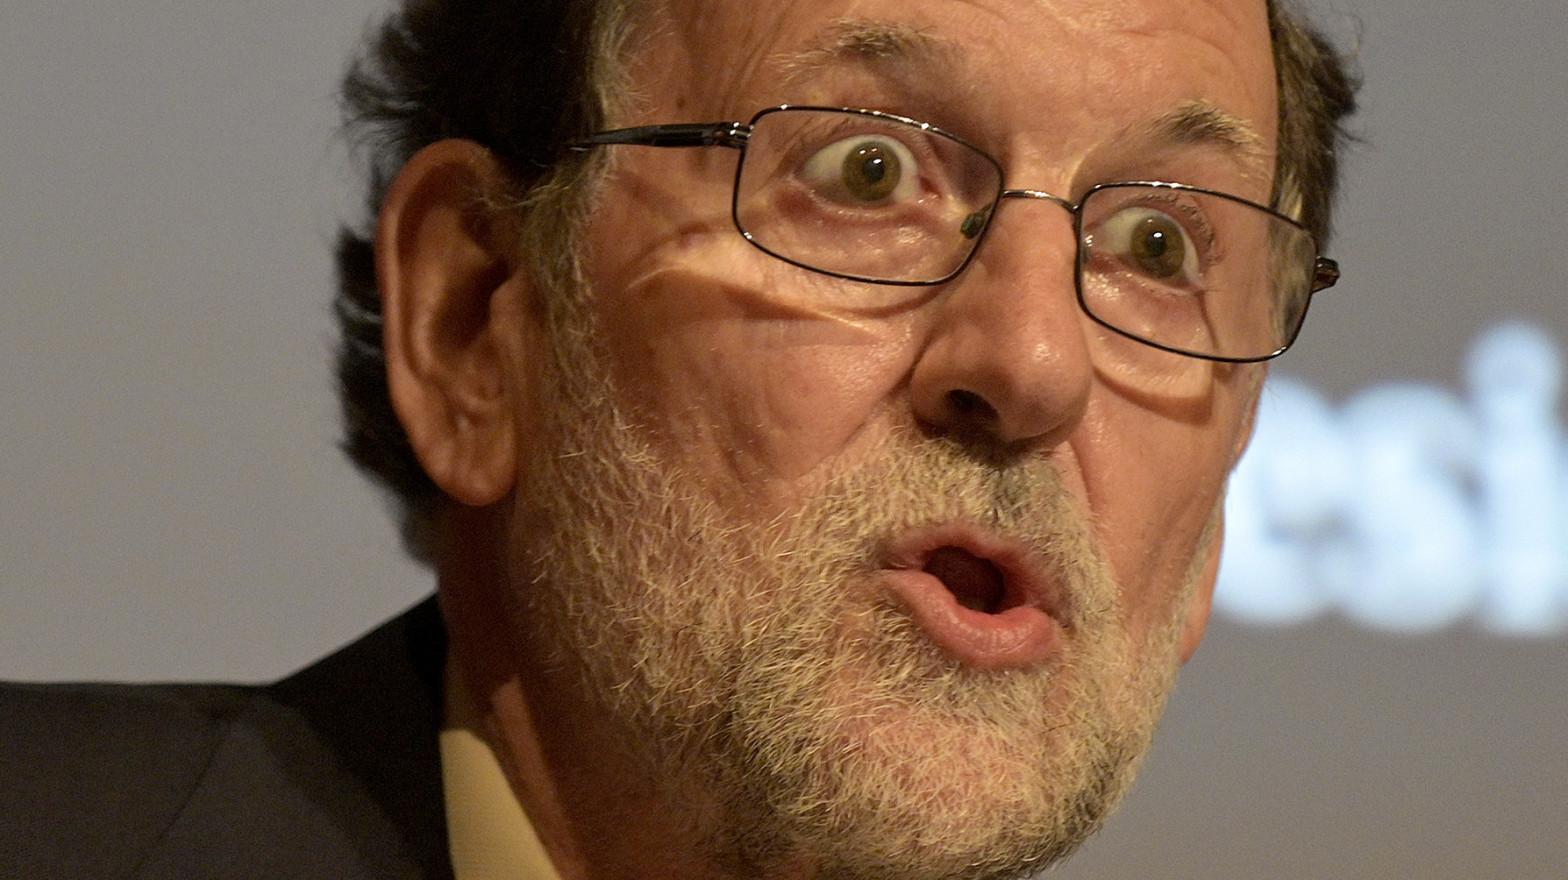 """Rajoy critica que Podemos y Cs prometían """"arreglarlo todo"""": """"¿Qué regeneraron? Fíjese dónde están"""""""